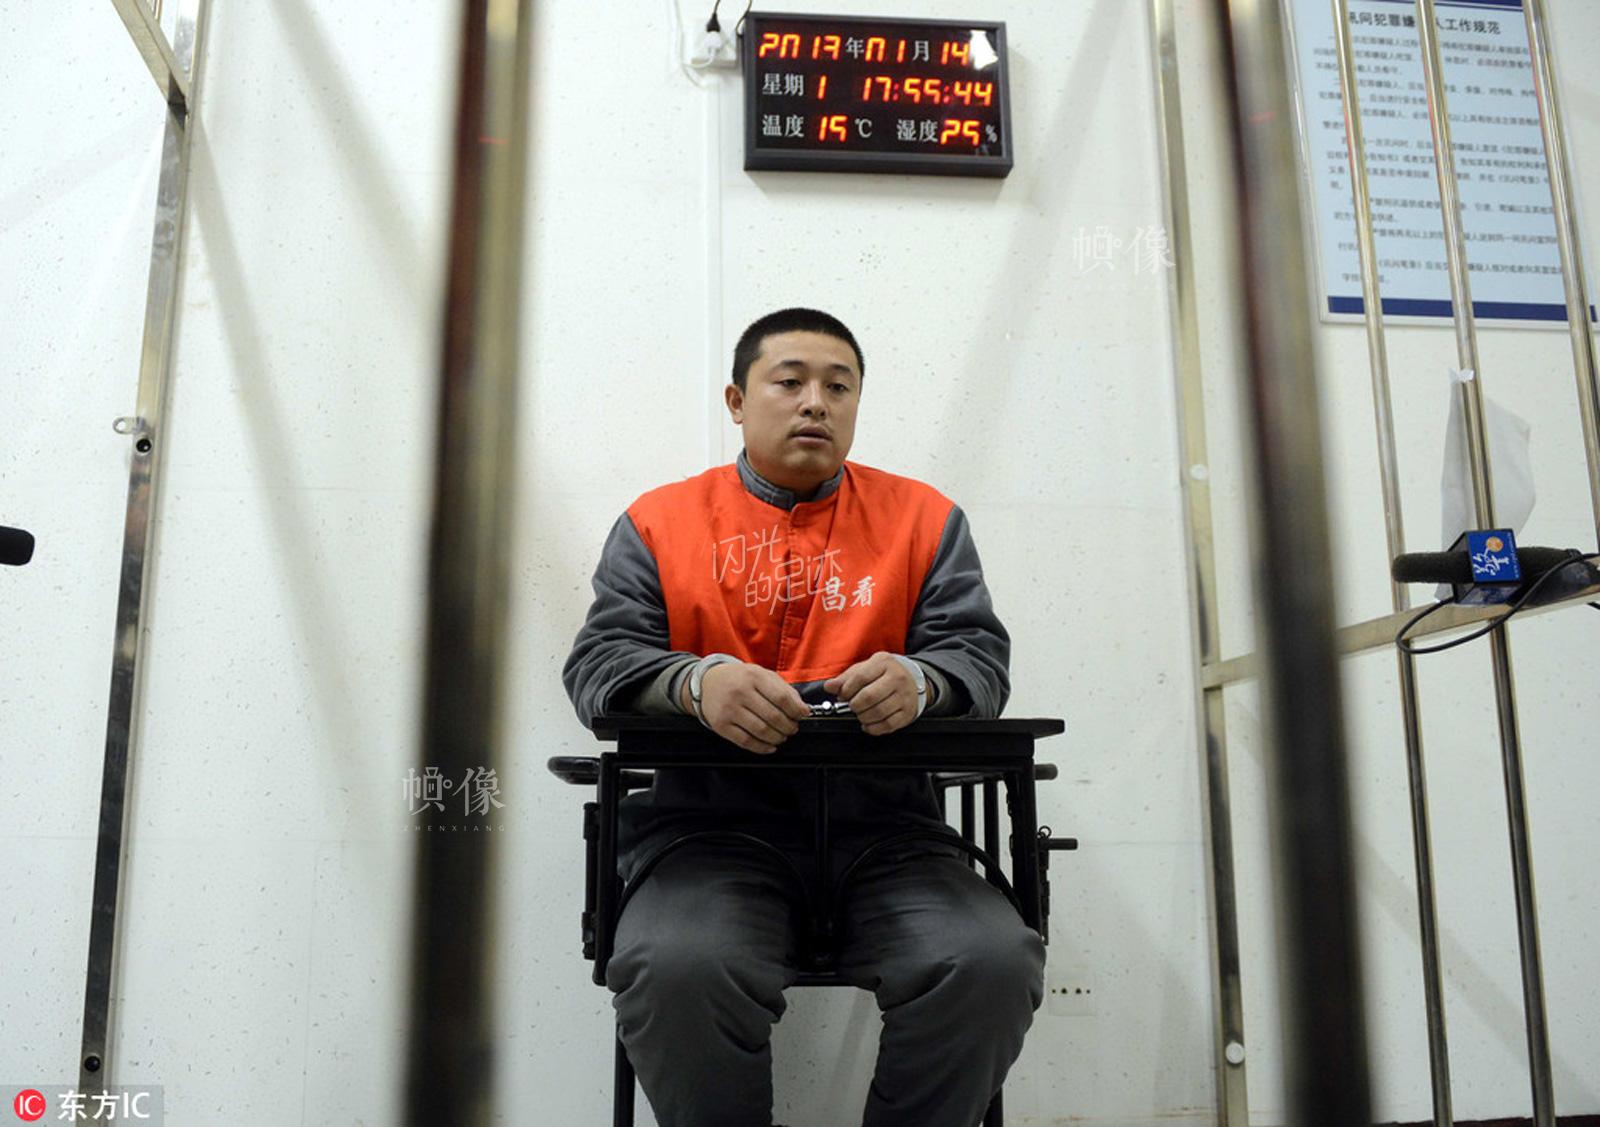 """2013年1月14日,公安部组织全国21个省区市公安机关开展""""12.5""""专案收网行动,抓获侵害公民个人信息的嫌犯1152名。图为被抓获的宅急送员工黄某。东方IC"""